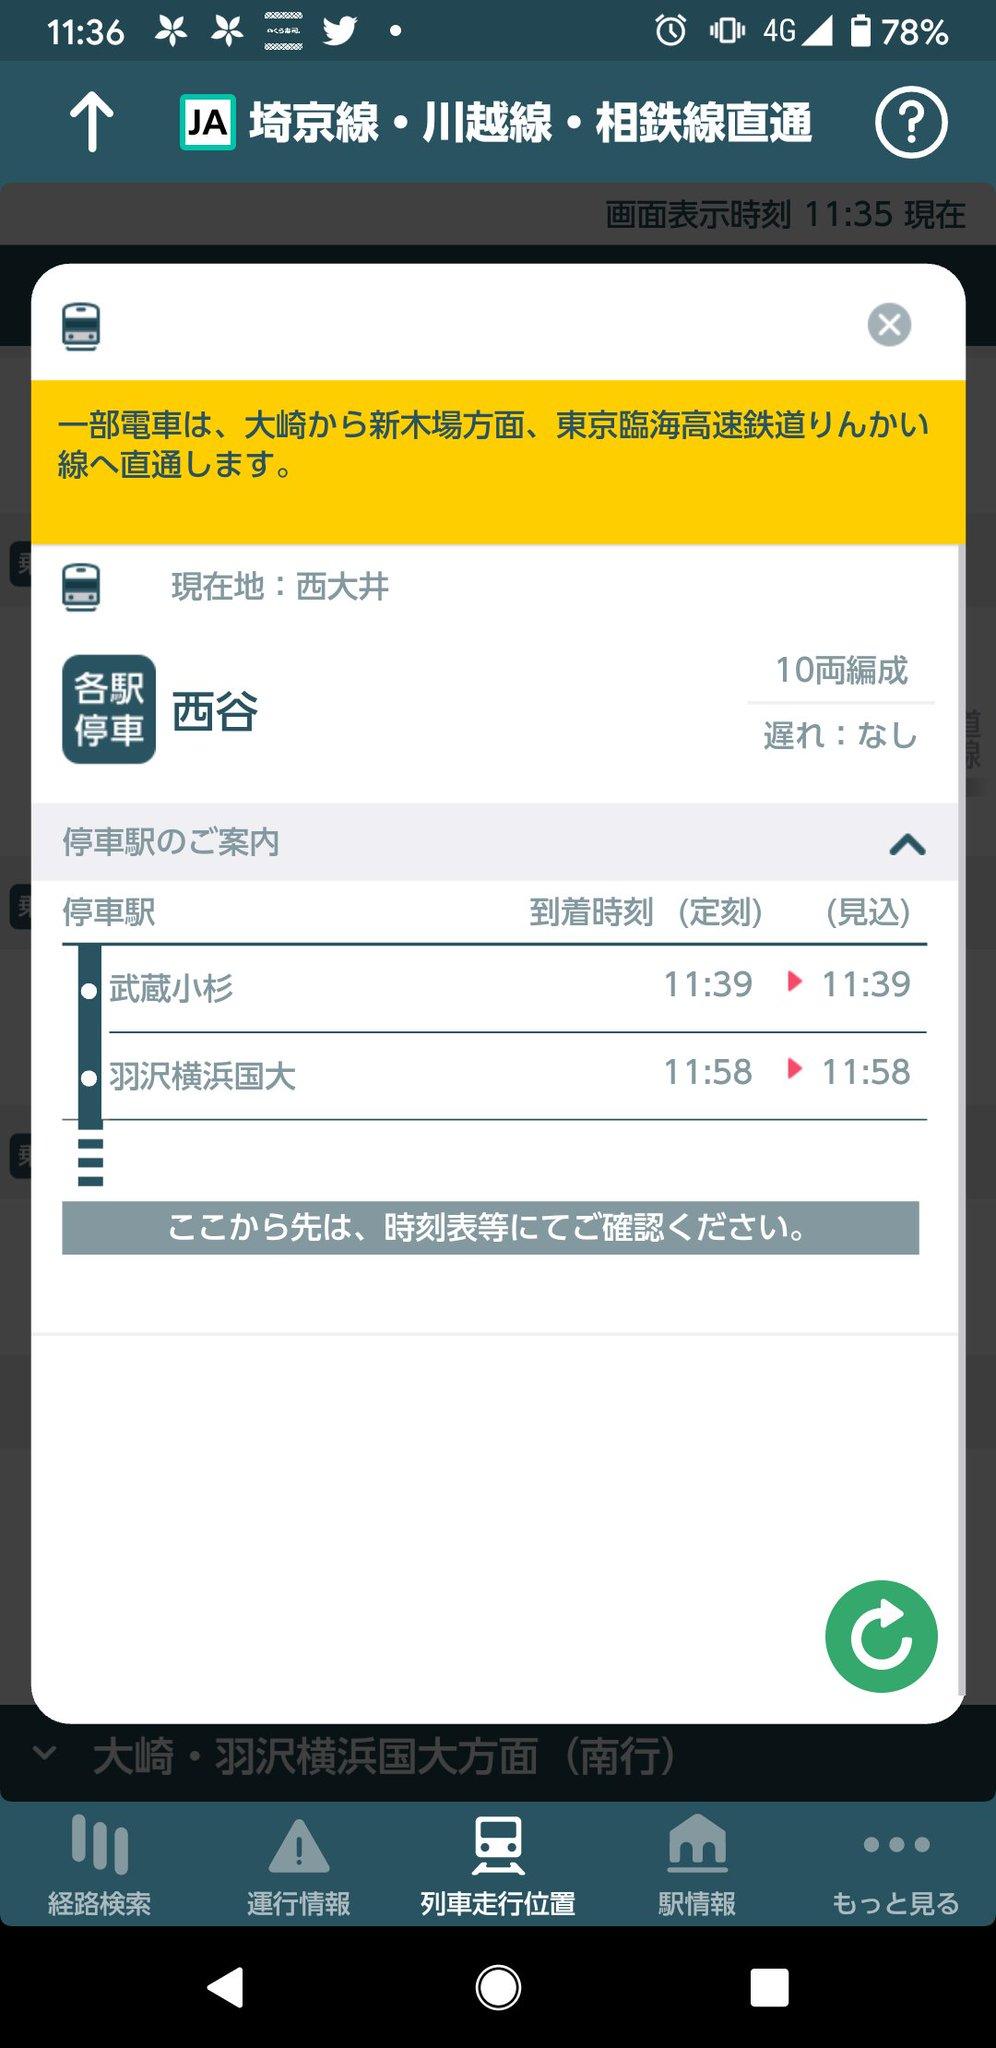 池袋 埼京線 時刻表